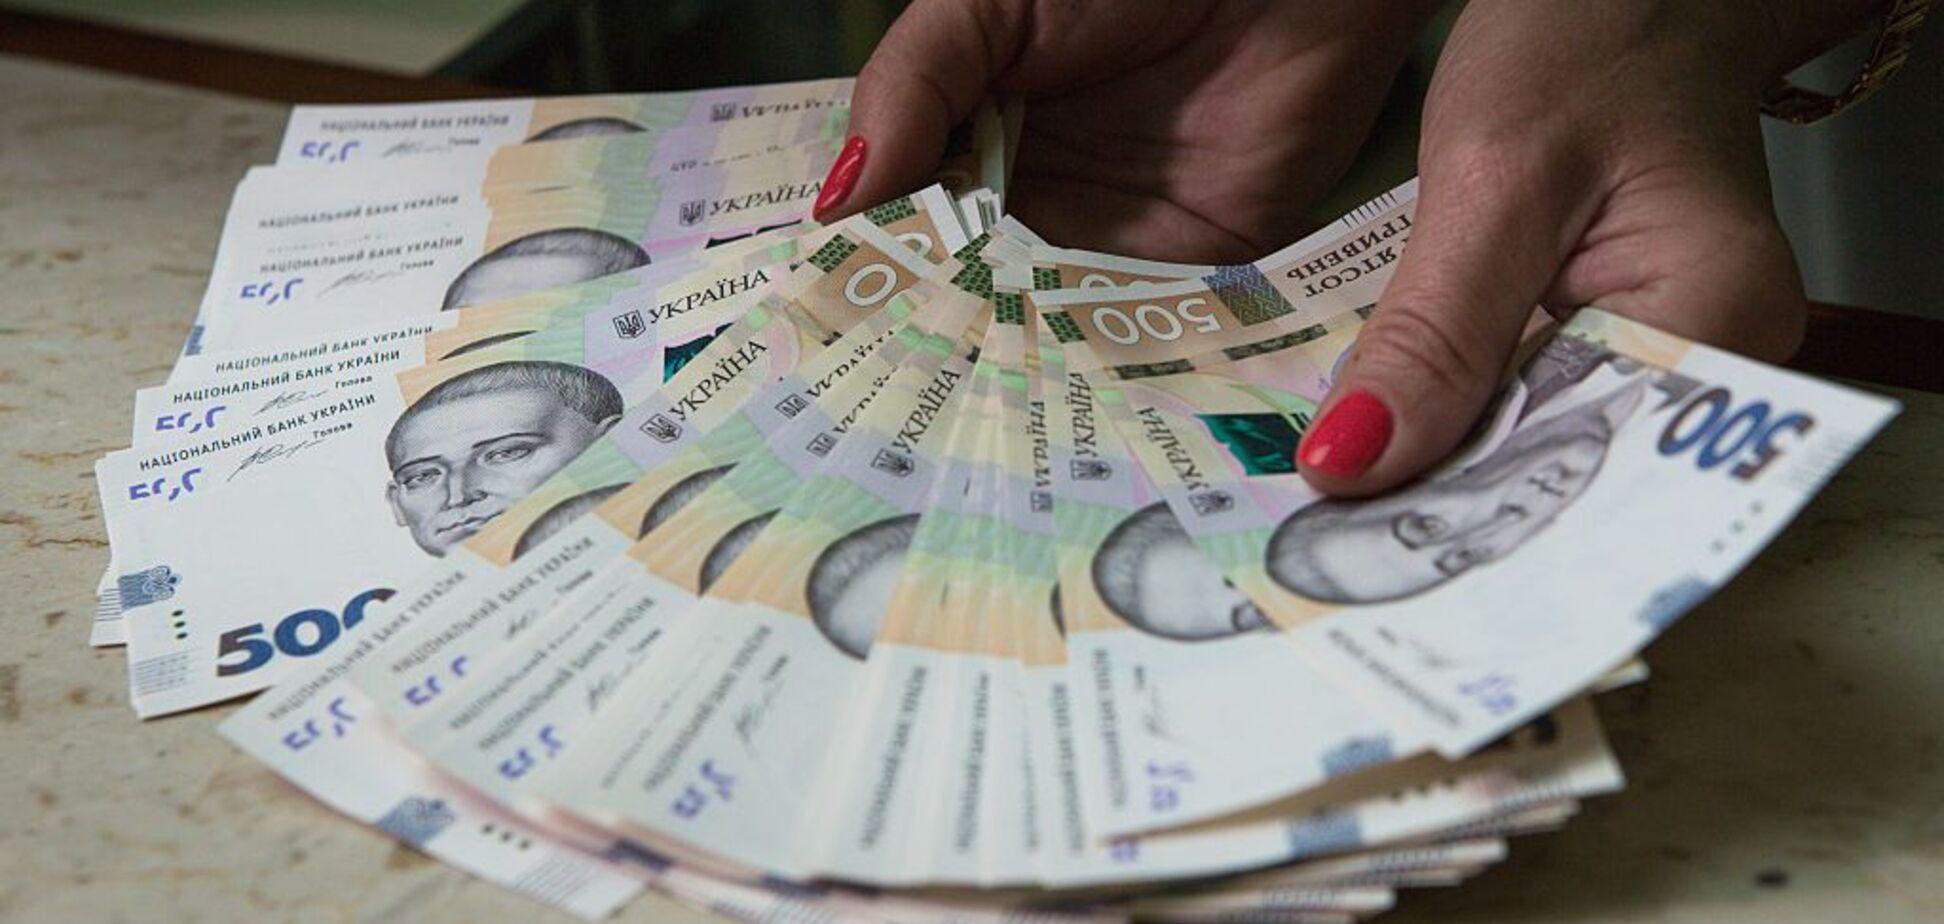 Українці отримуватимуть субсидії готівкою: озвучені конкретні терміни